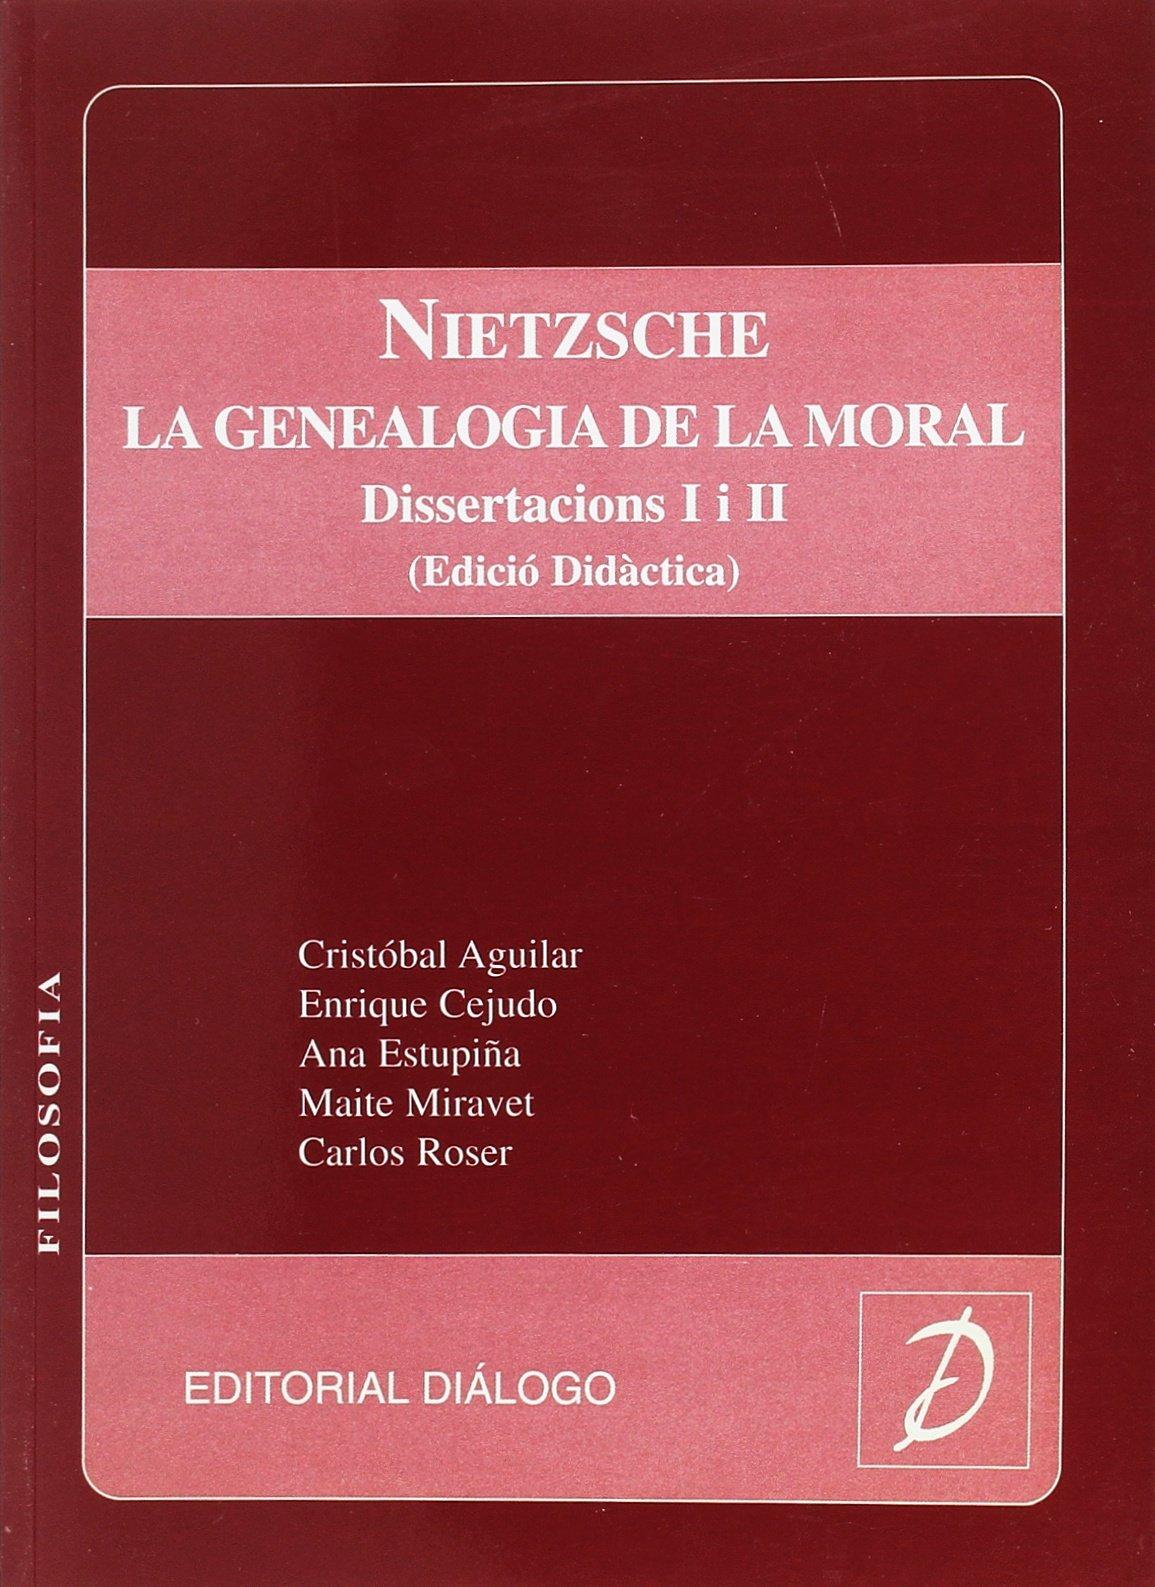 Nietzsche, una introducció didàctica a la Genealogia de la moral (Catalan)  Paperback – January 1, 2000